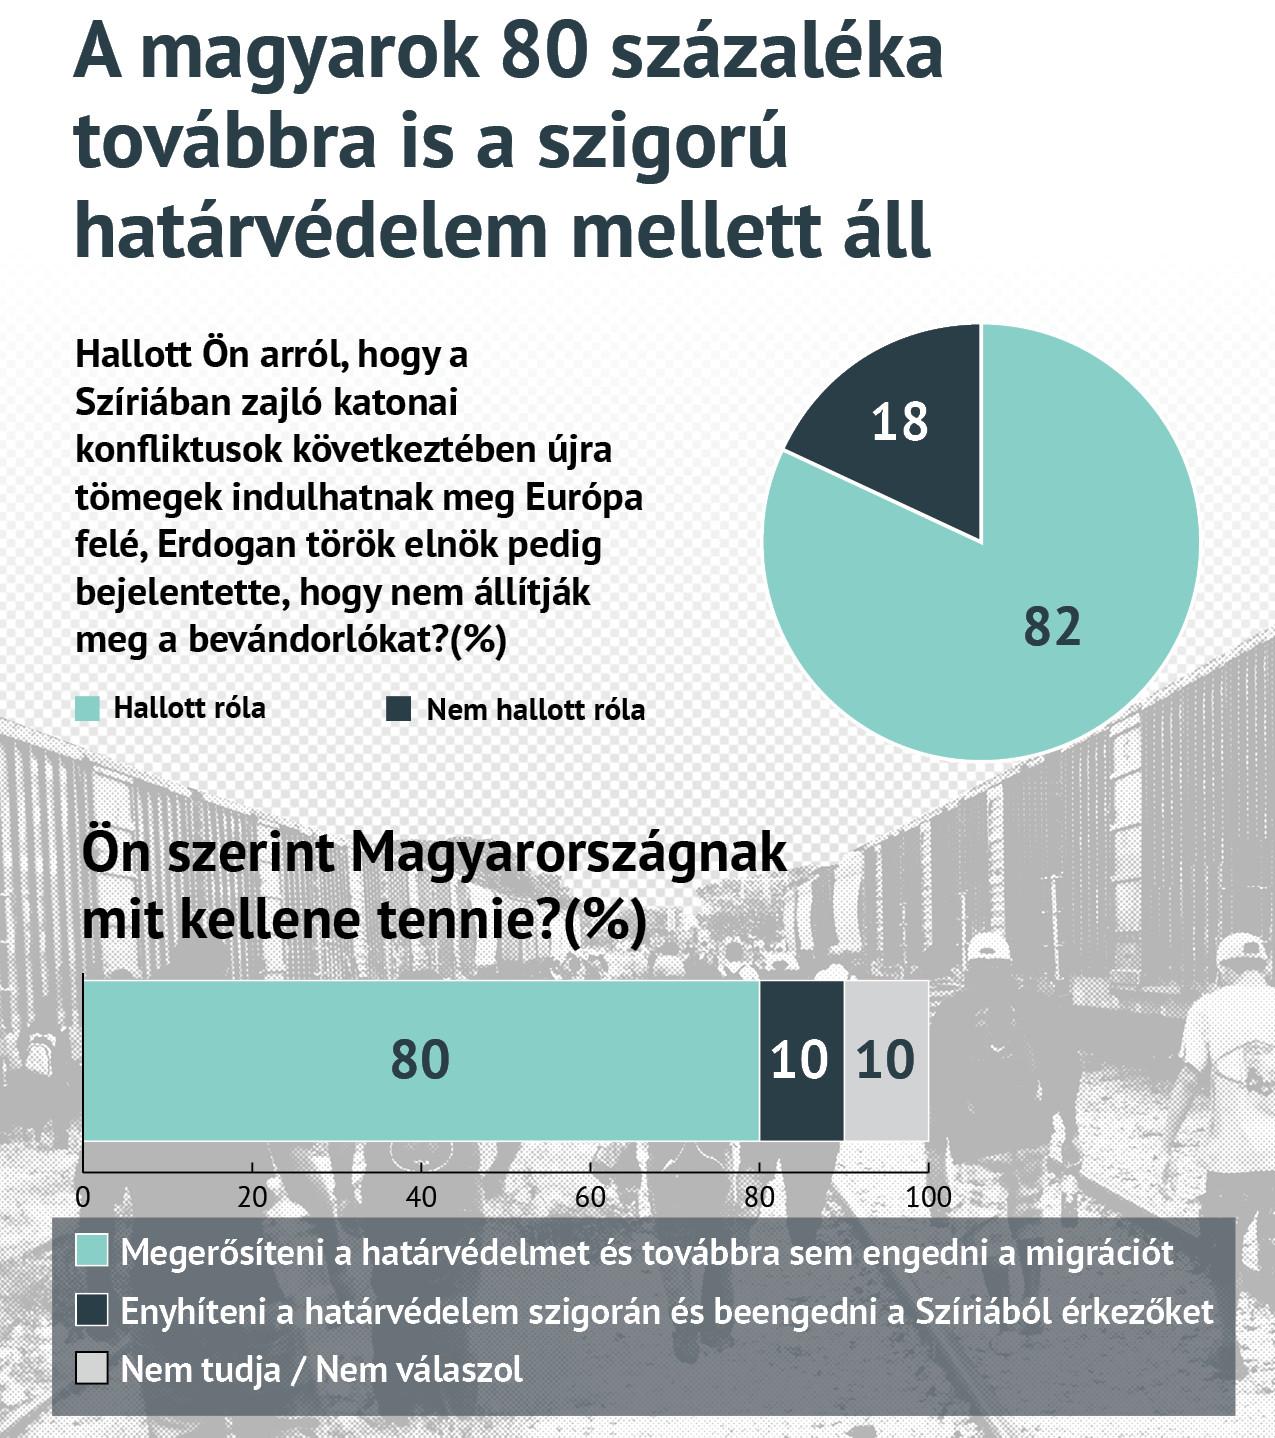 A magyarok 80 százaléka továbbra is a szigorú határvédelem mellett áll